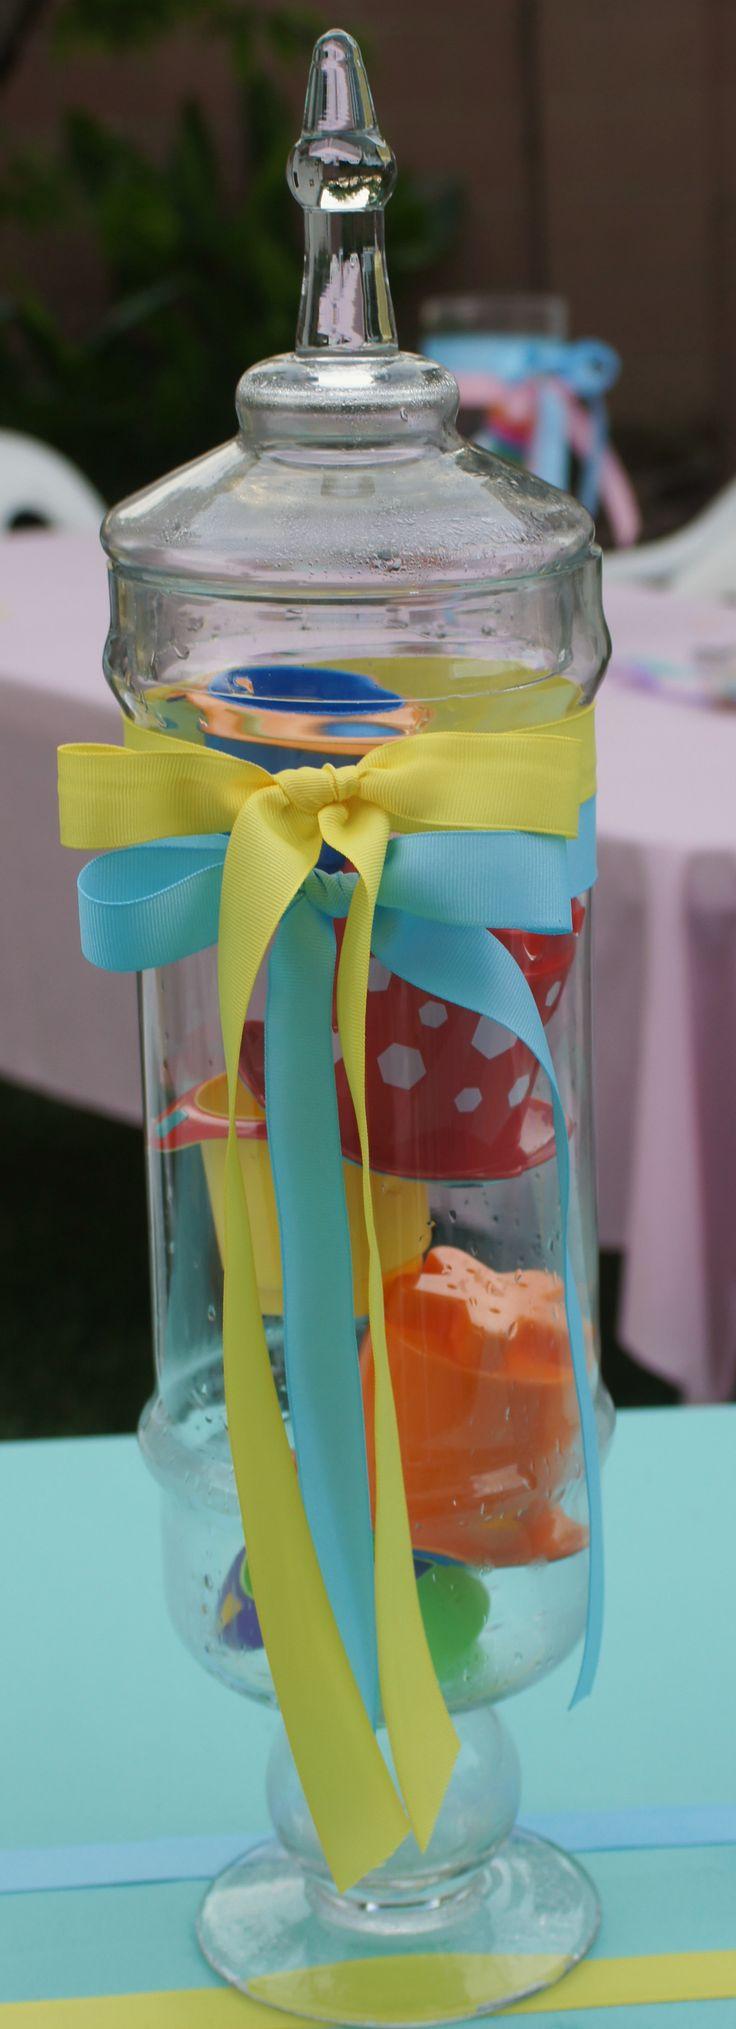 Gender neutral baby shower centerpiece toys in glass